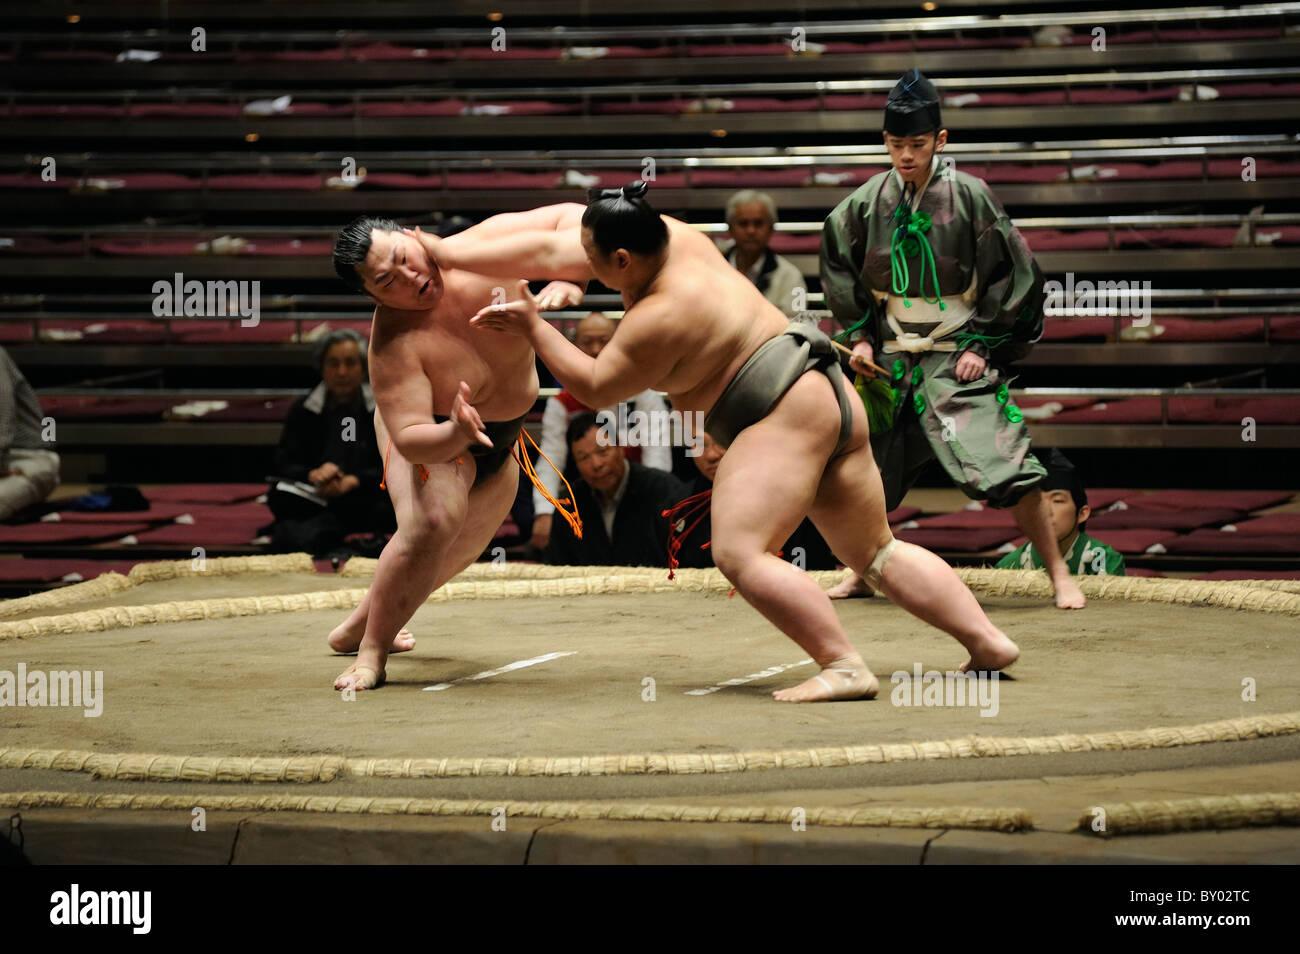 Due di basso rango lottatori di sumo combattimenti, Grandi Campionati di Sumo maggio 2010, Ryogoku Kokugikan, Tokyo, Immagini Stock